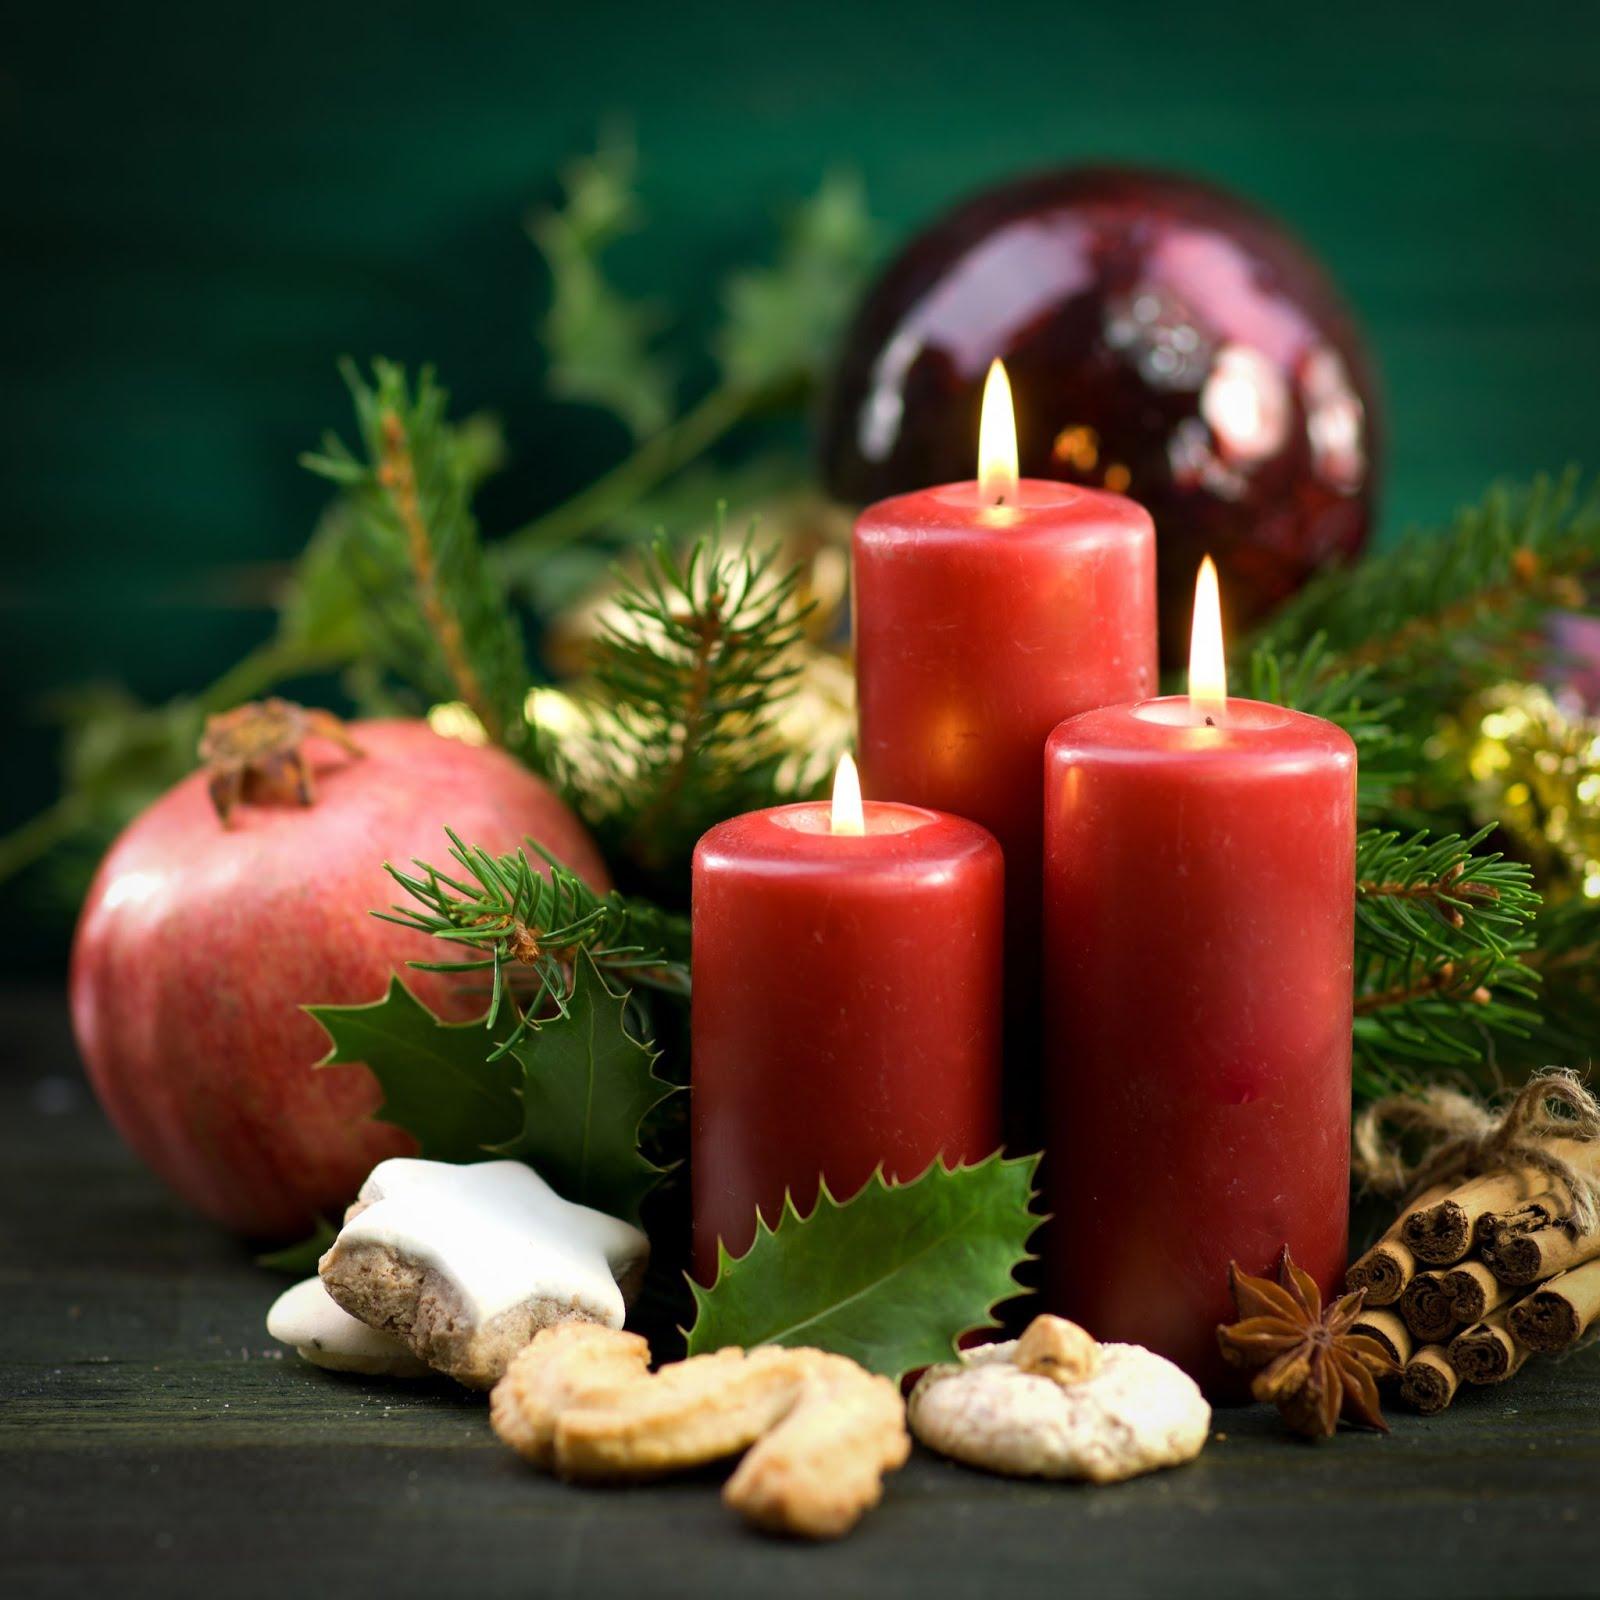 Hermosas im genes para navidad y a o nuevo 2013 fotos e for Adornos navidenos con copas y velas